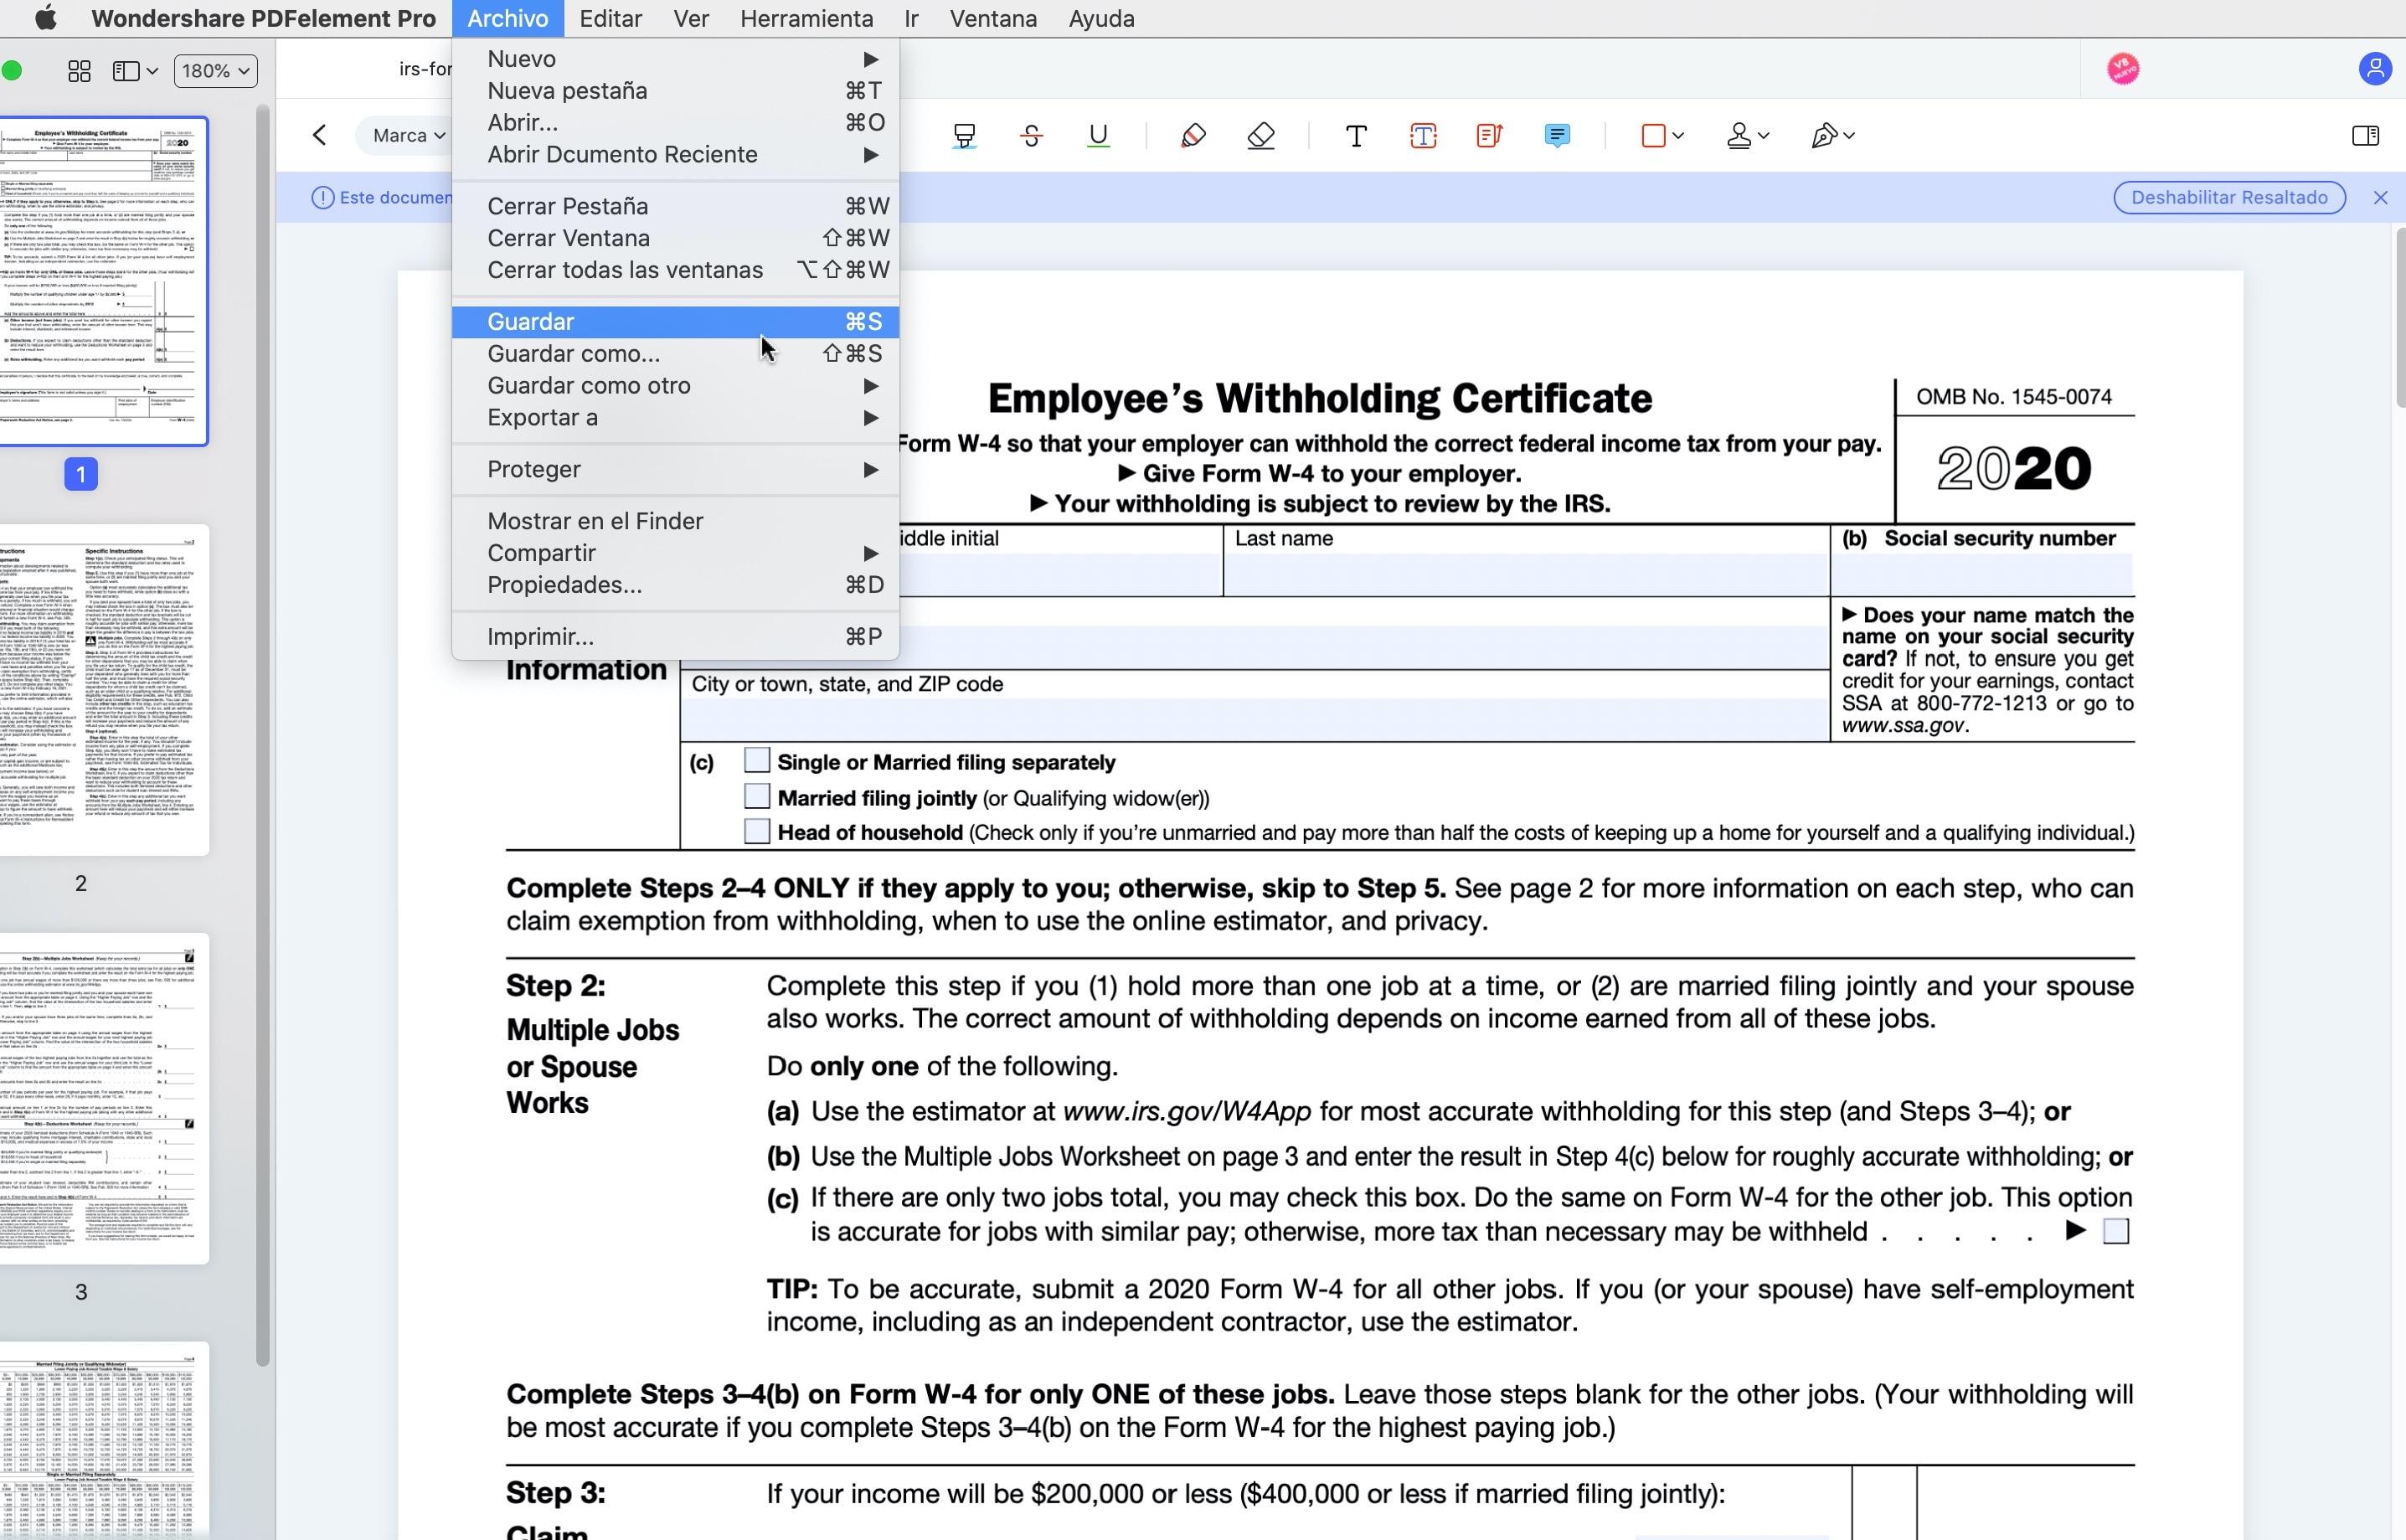 cómo editar texto en pdf en mac